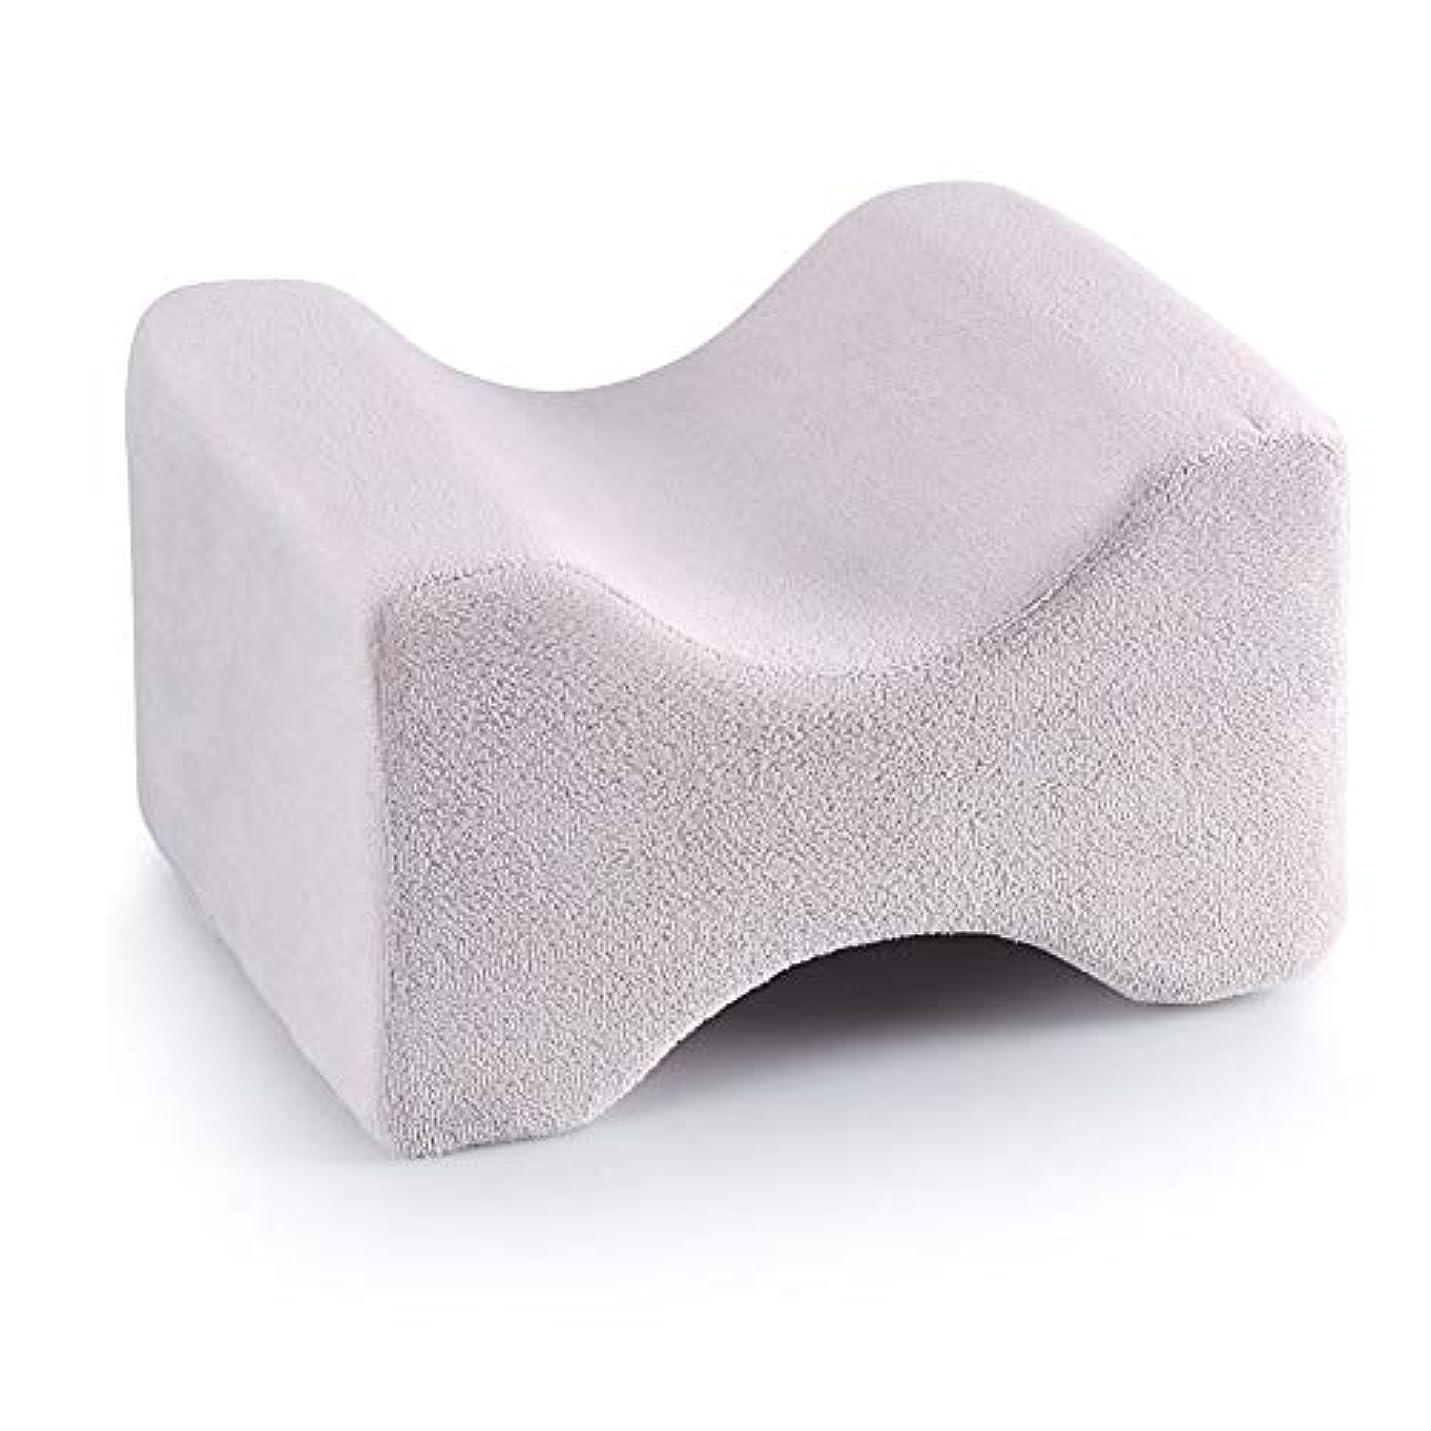 記録時間厳守日常的に3パック整形外科用膝枕用リリーフ、取り外し可能な洗えるカバー、低反発ウェッジの輪郭を促し、睡眠を促進し、血液循環を改善